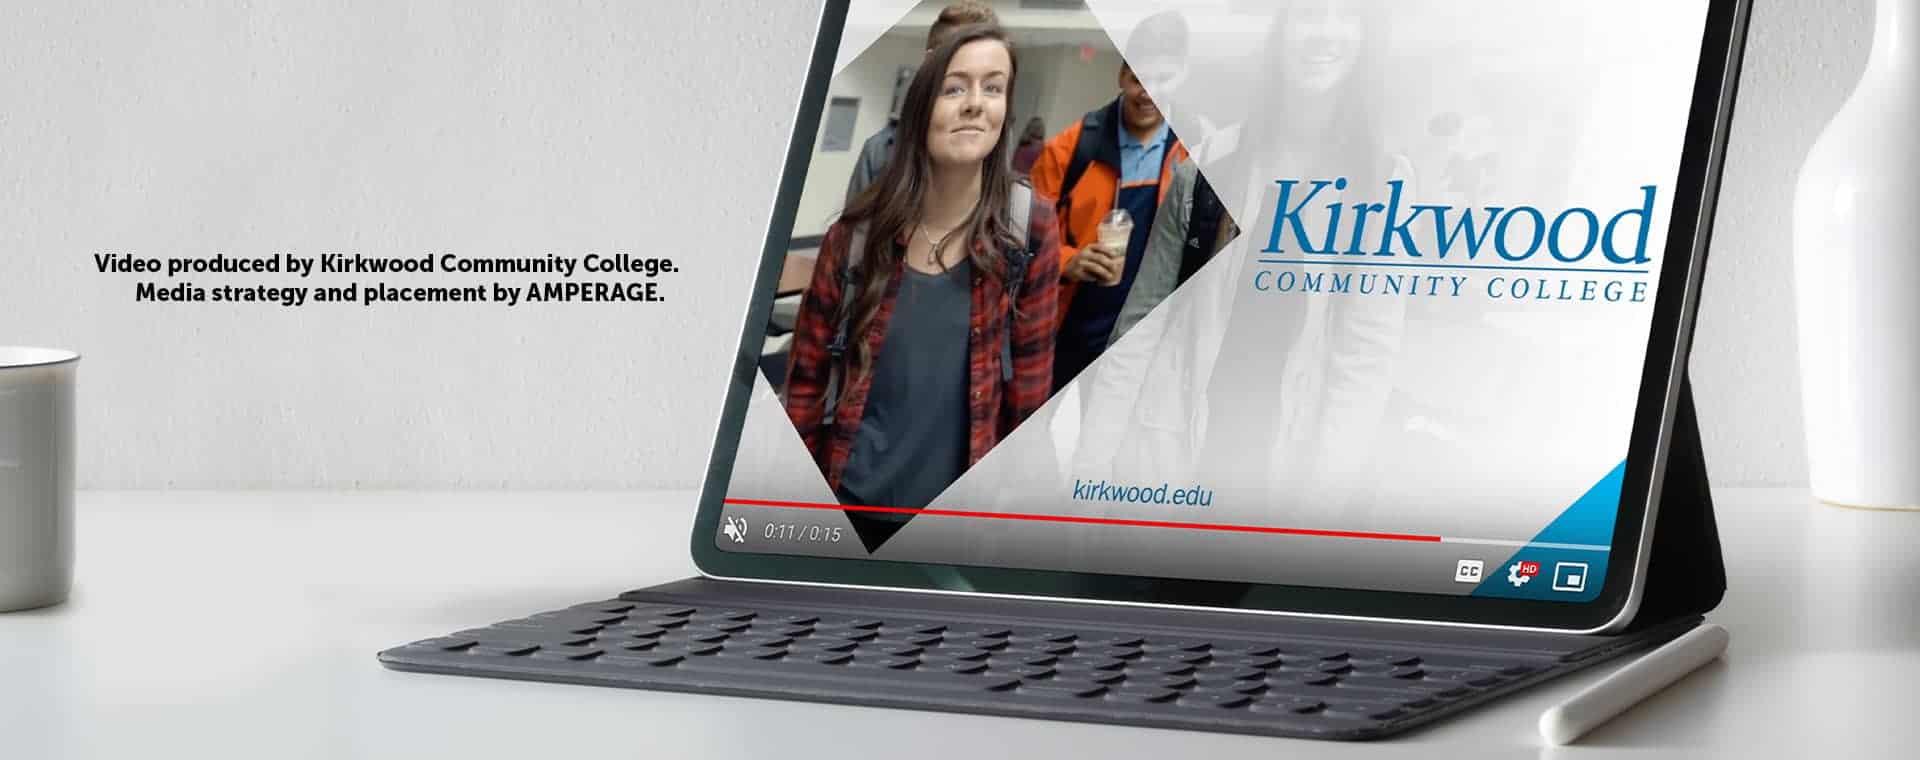 Kirkwood Community College OTT